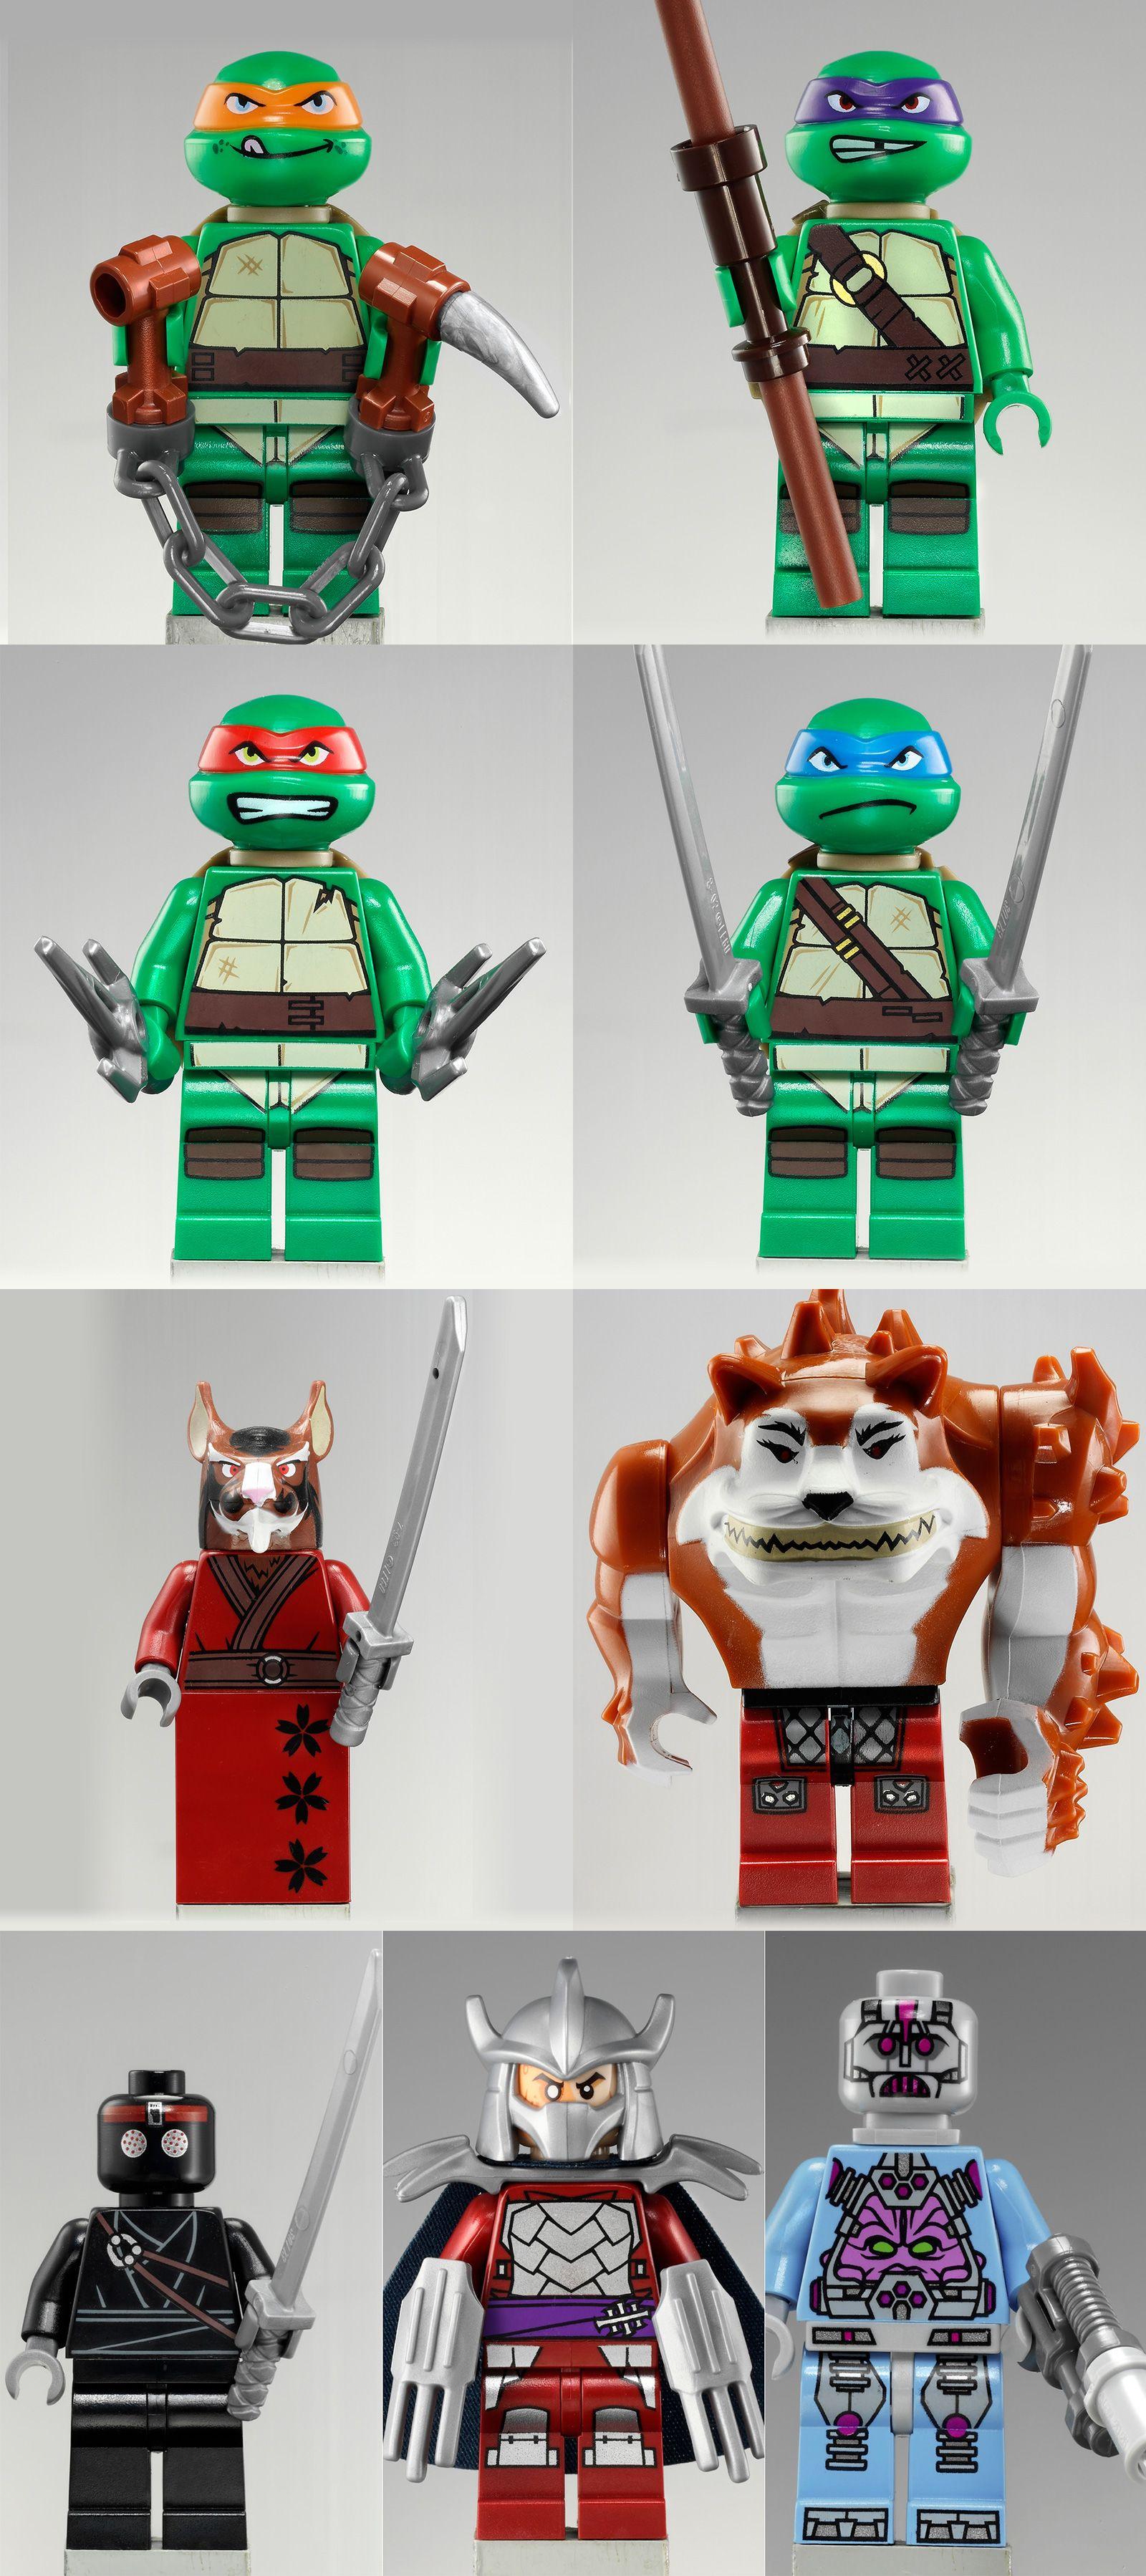 Teenage Mutant Ninja Turtles Lego